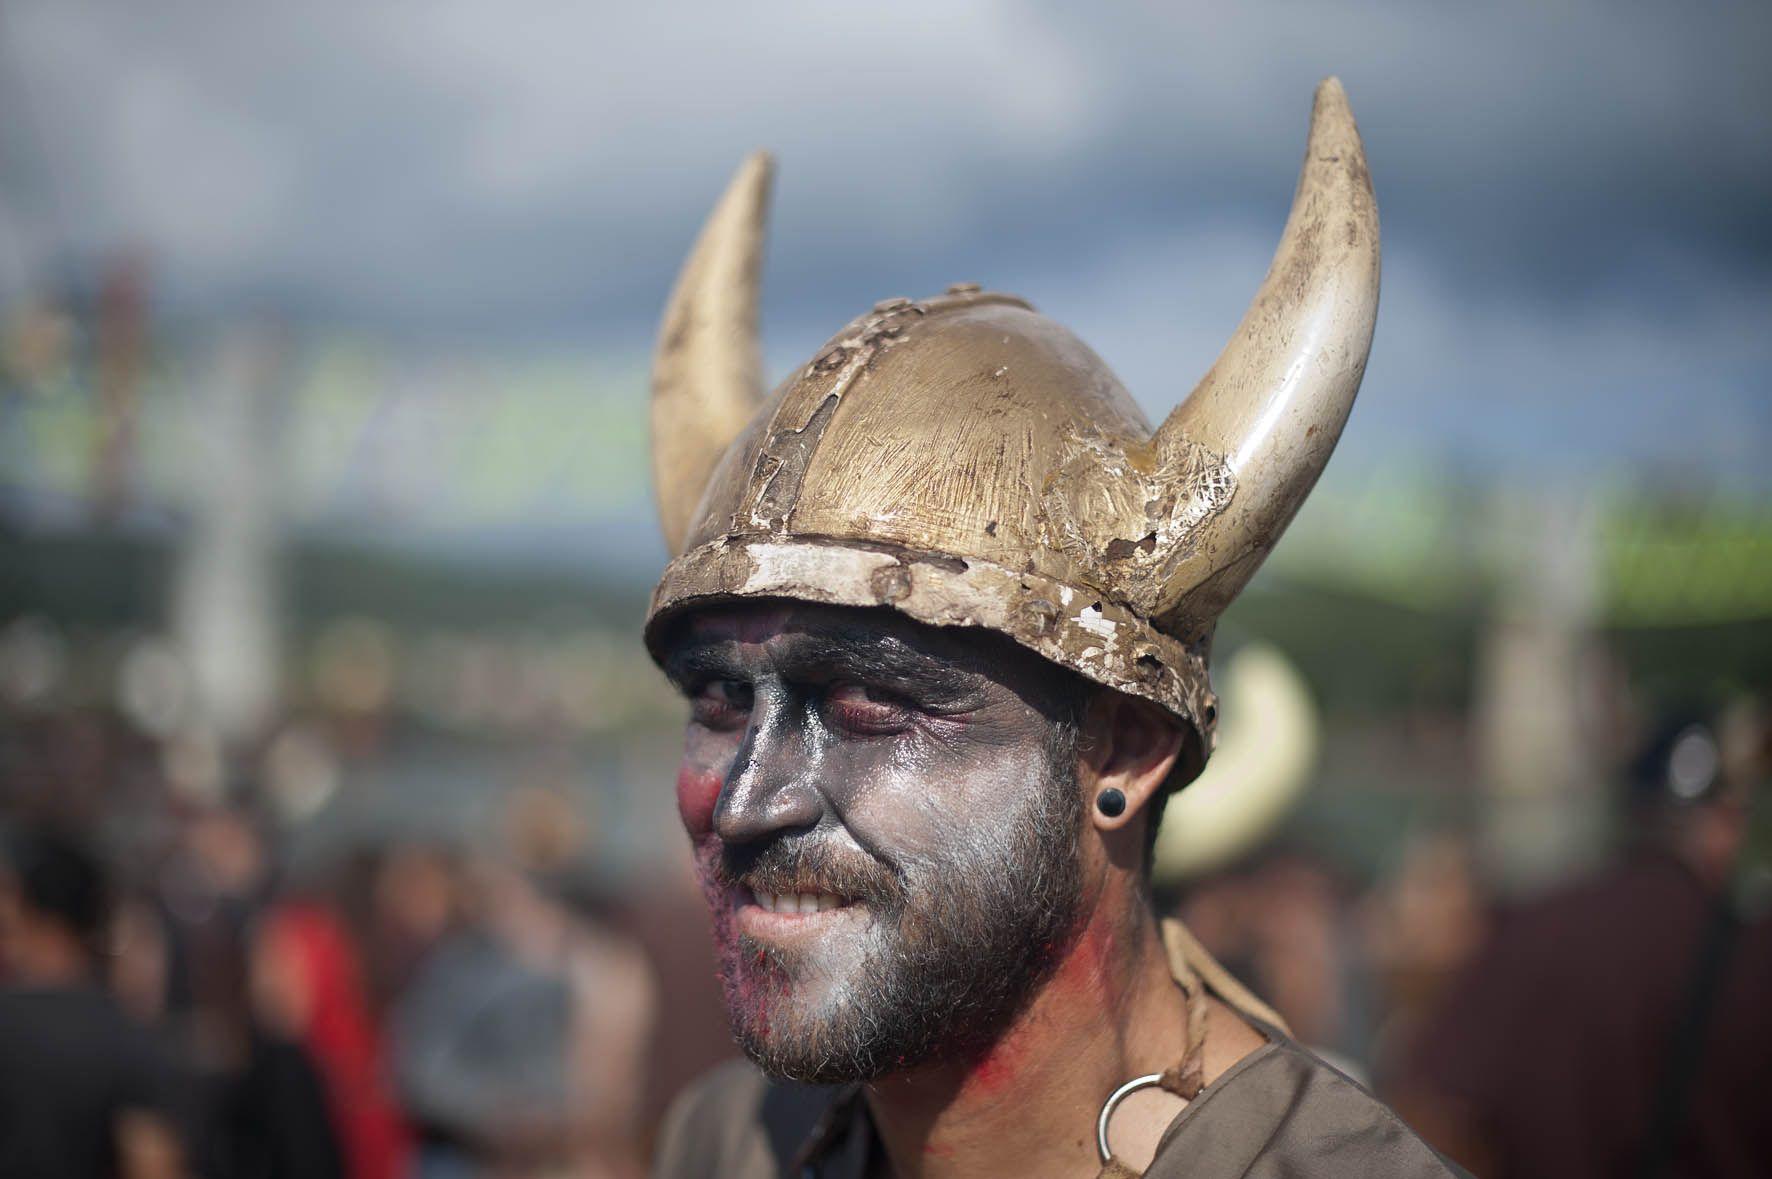 Fiesta Vikinga, Romeria Vikinga Catoira Pontevedra